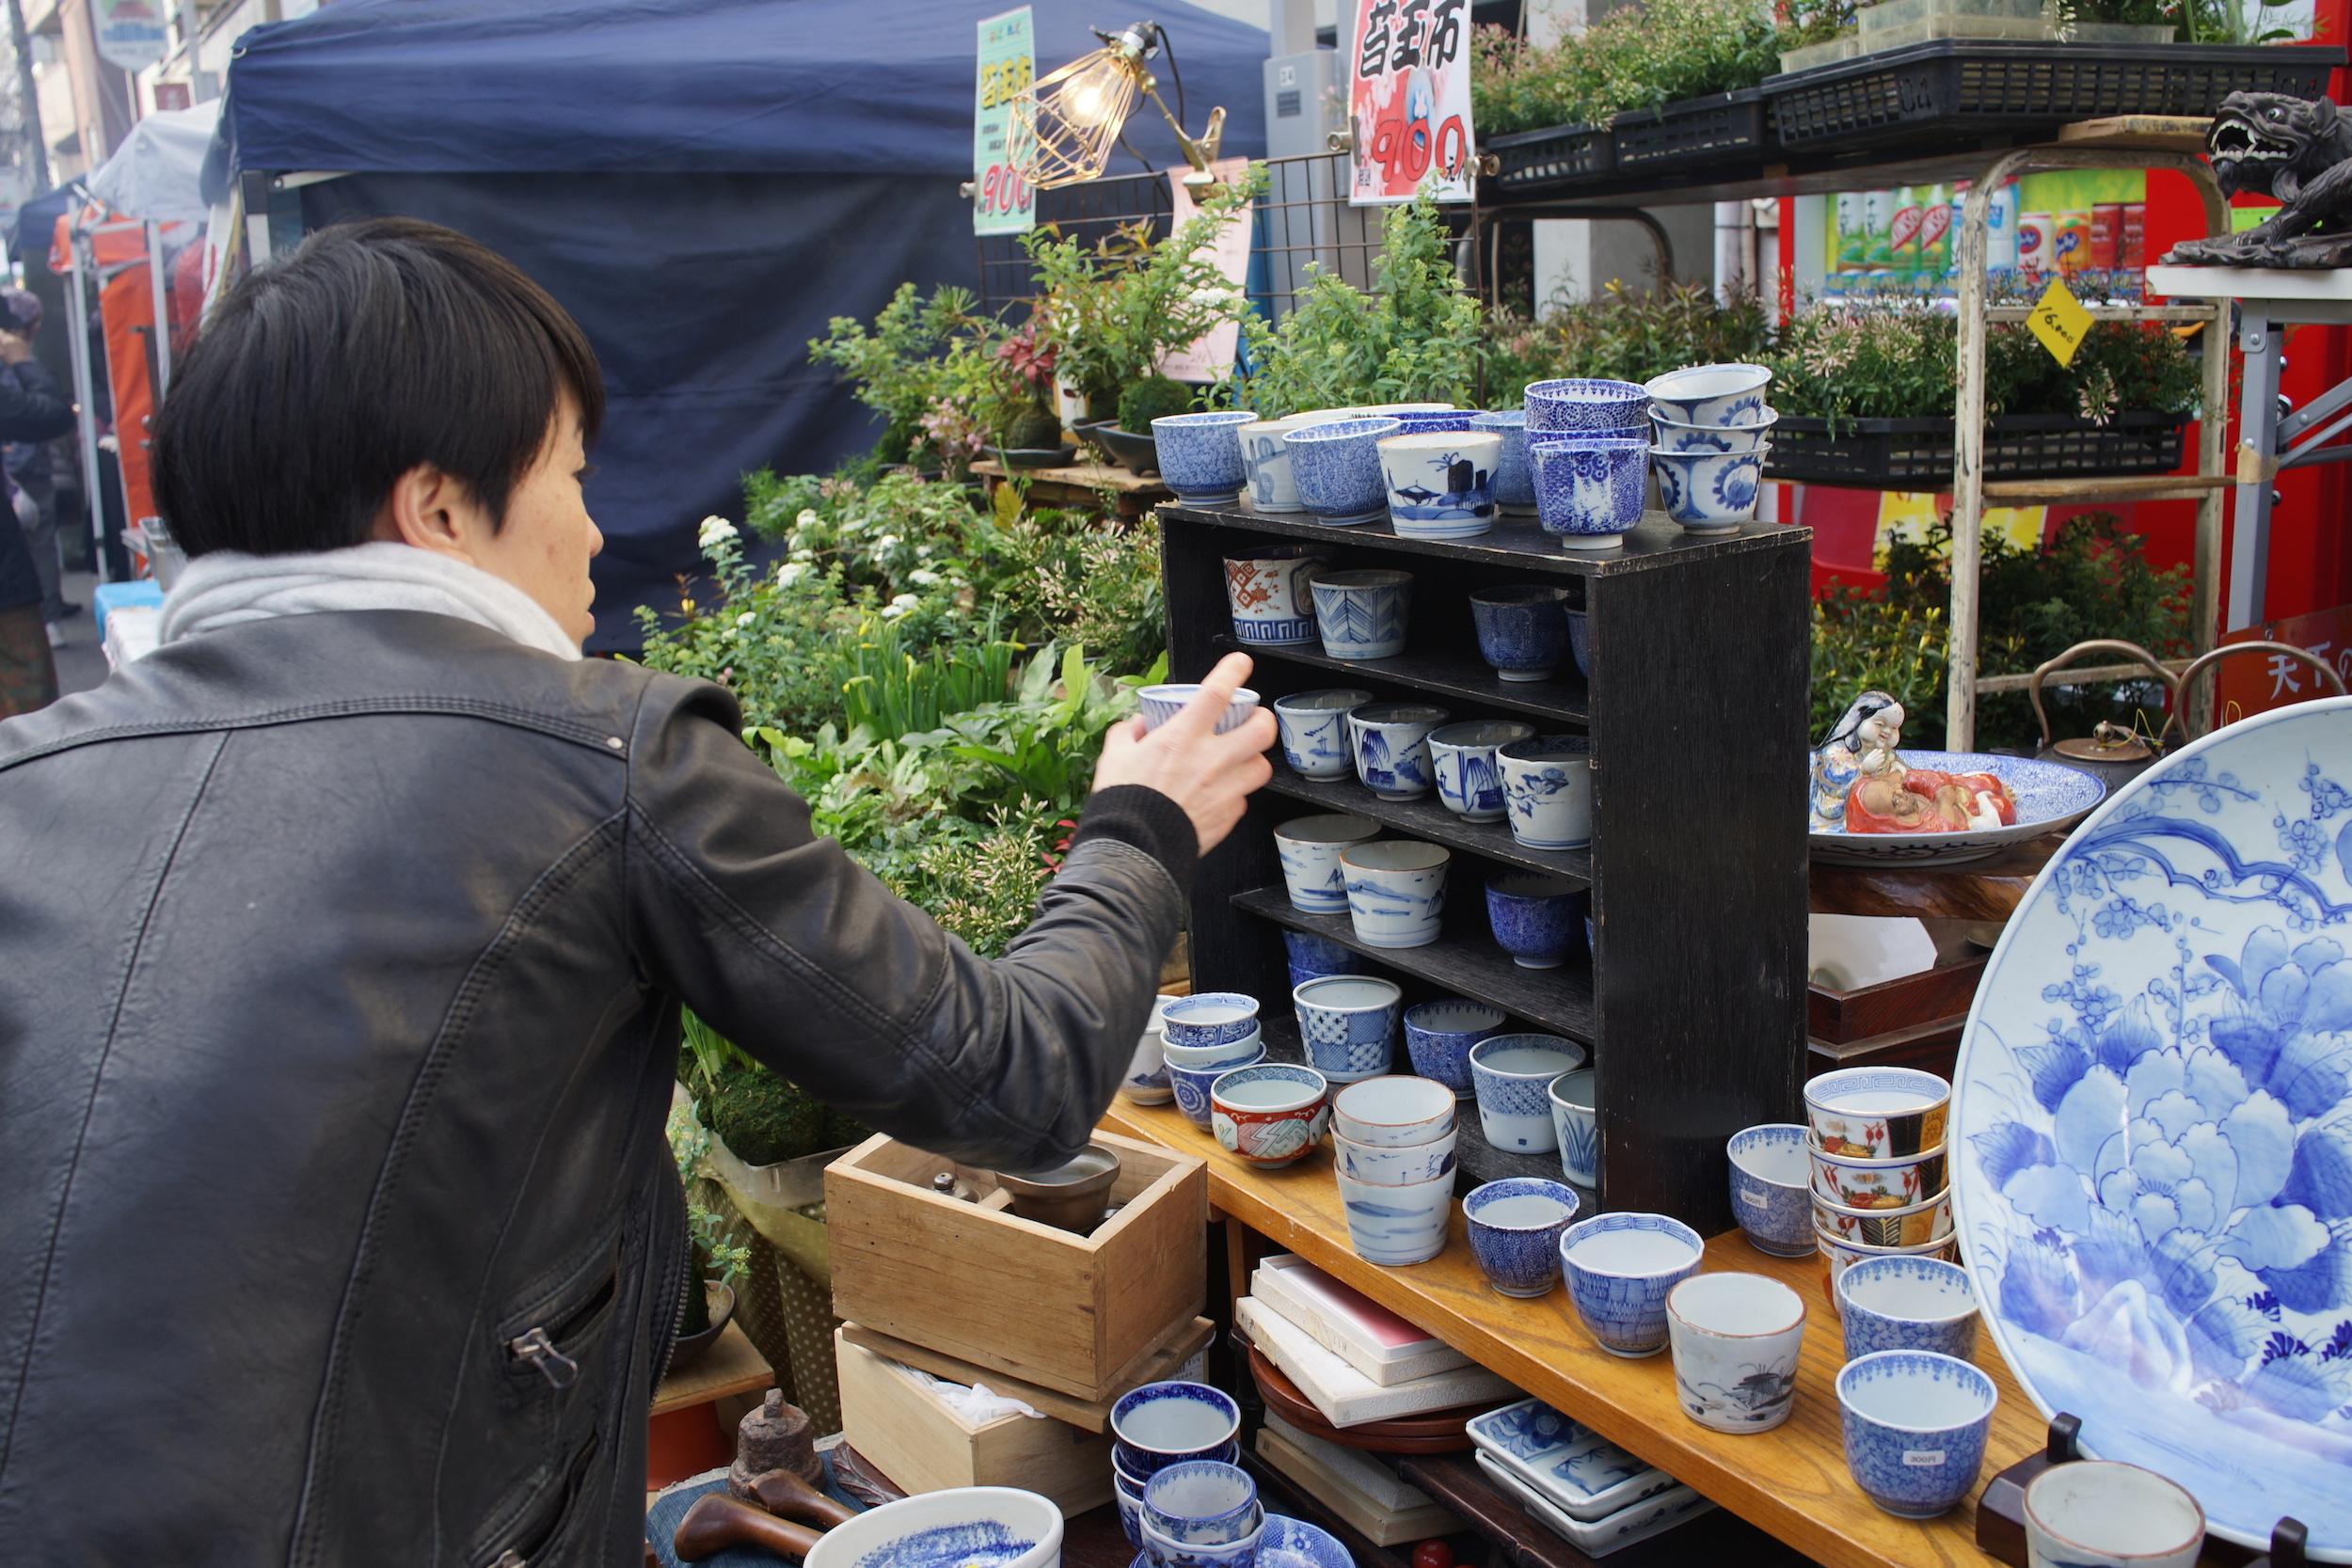 Winter flea Market in Tokyo – Setagaya Boroichi